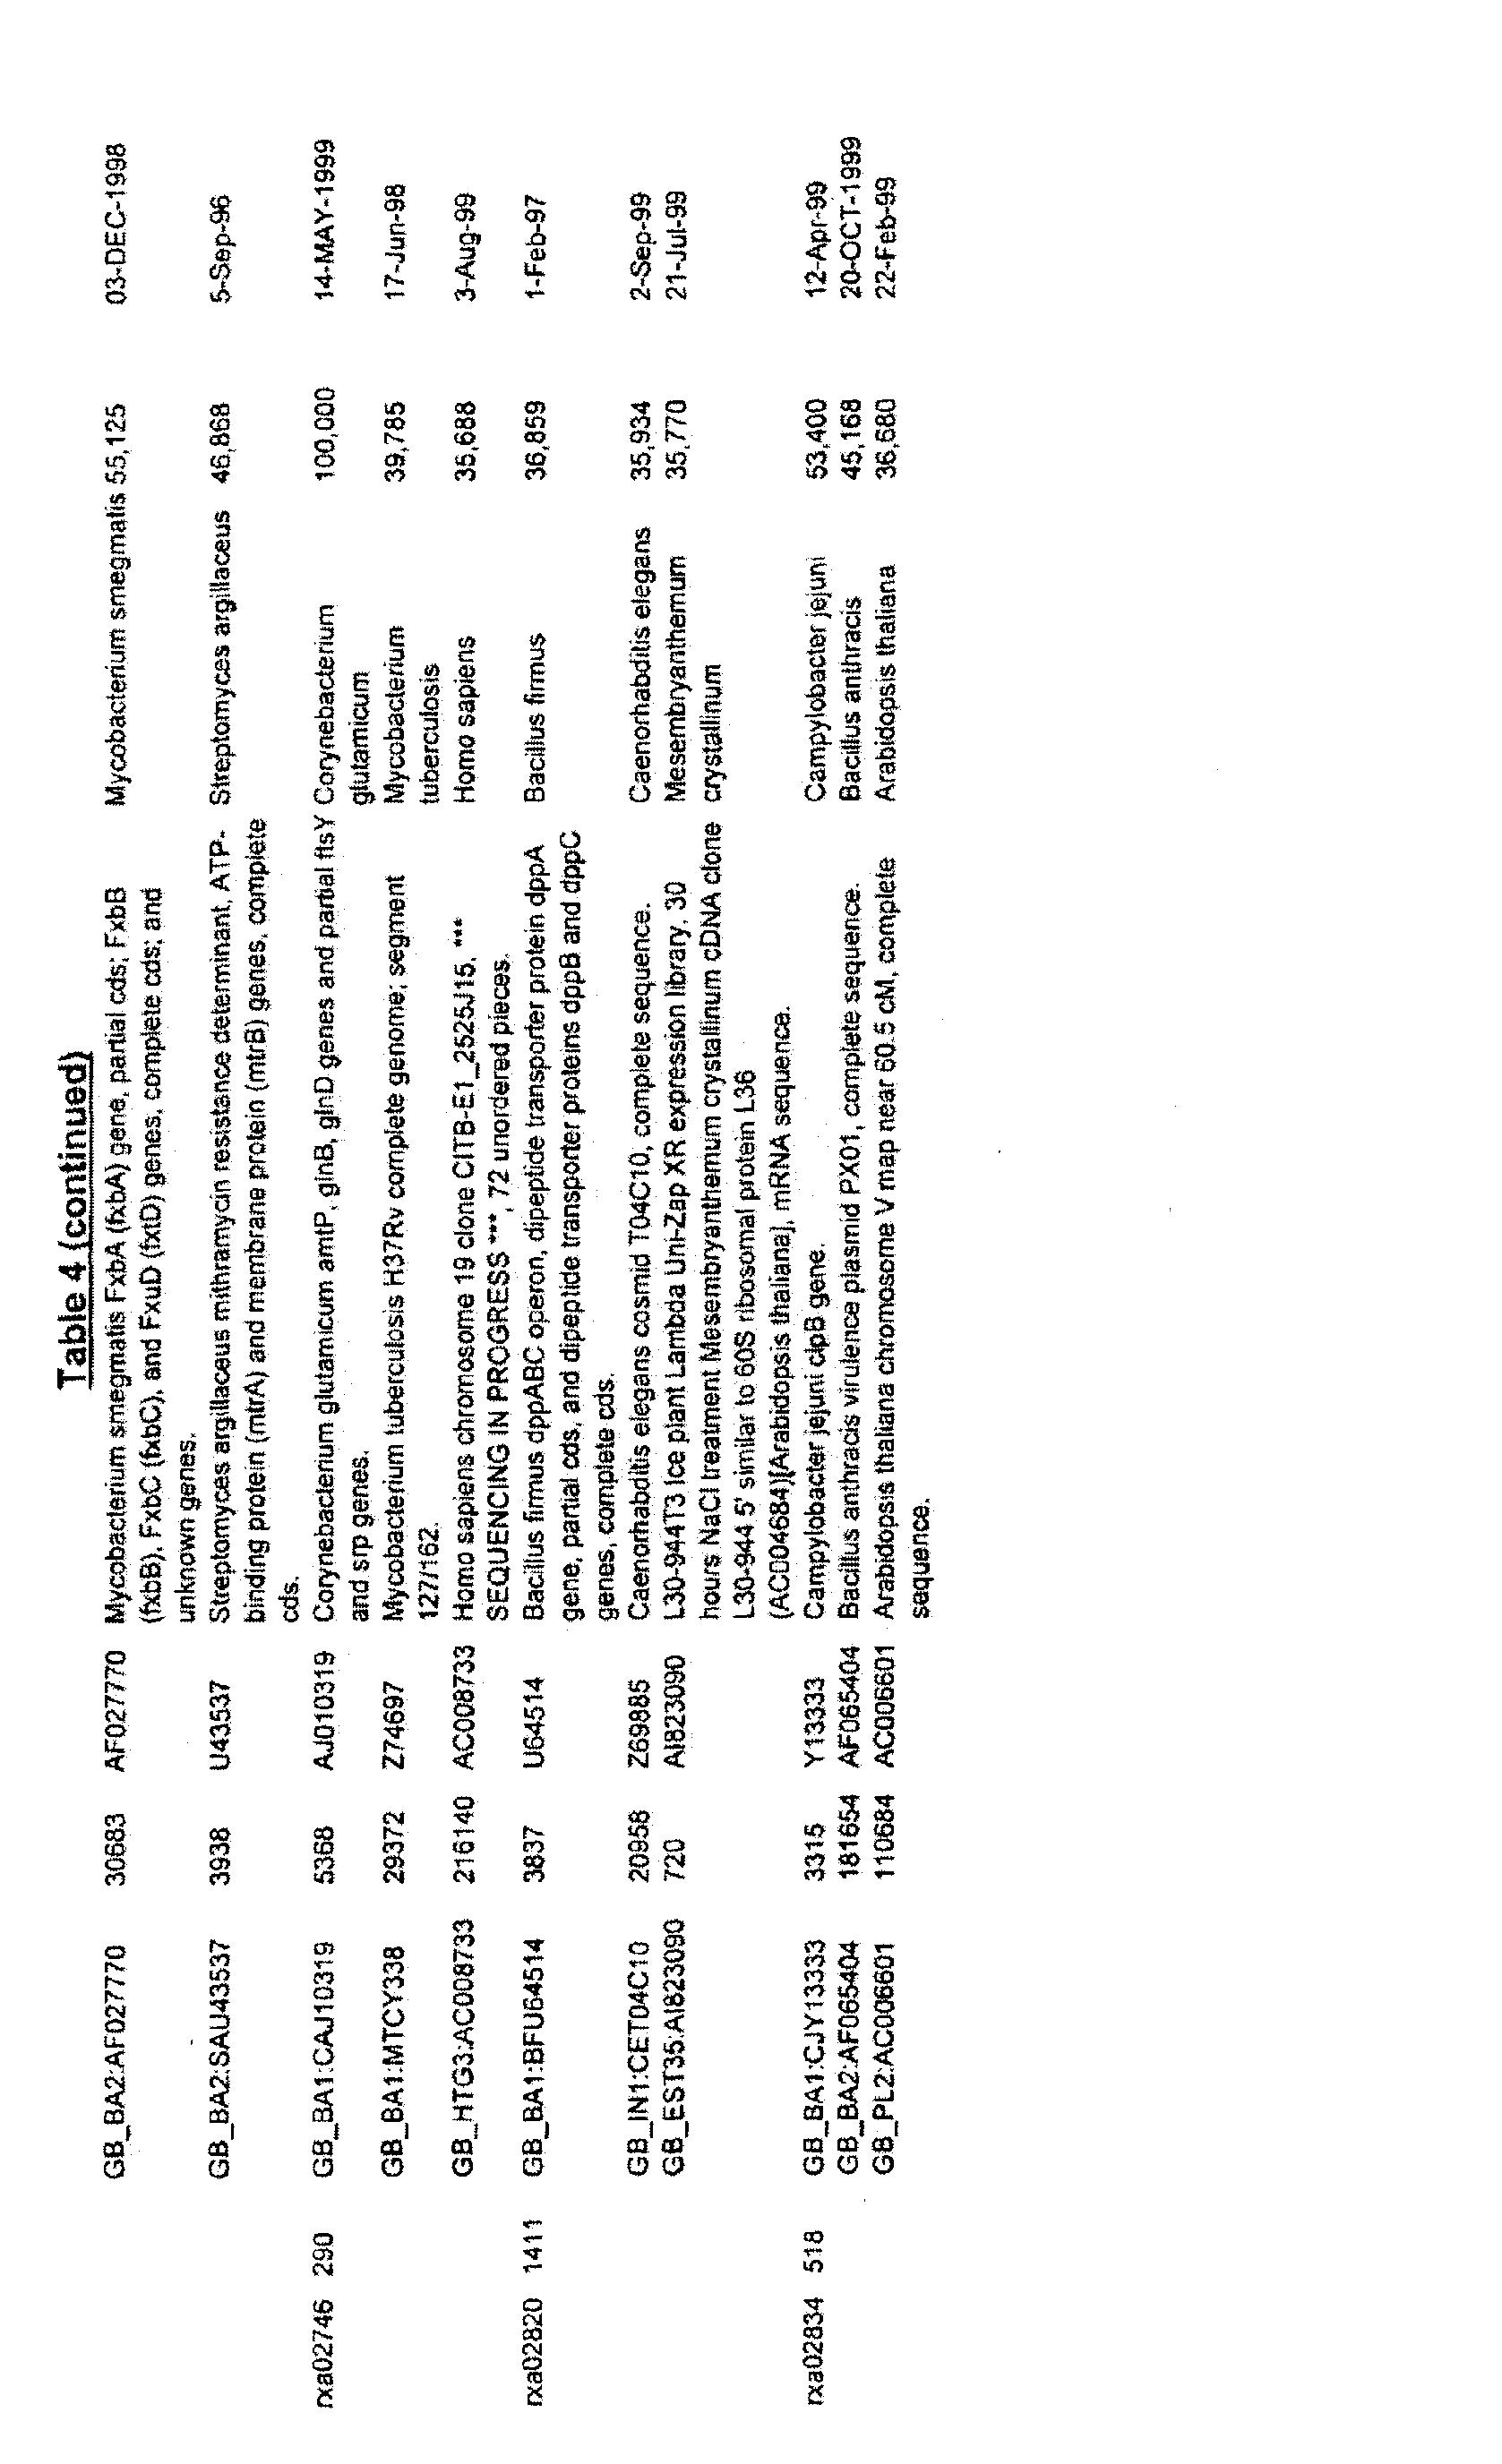 EP2302058A1 - Corynebacterium glutamicum genes encoding proteins